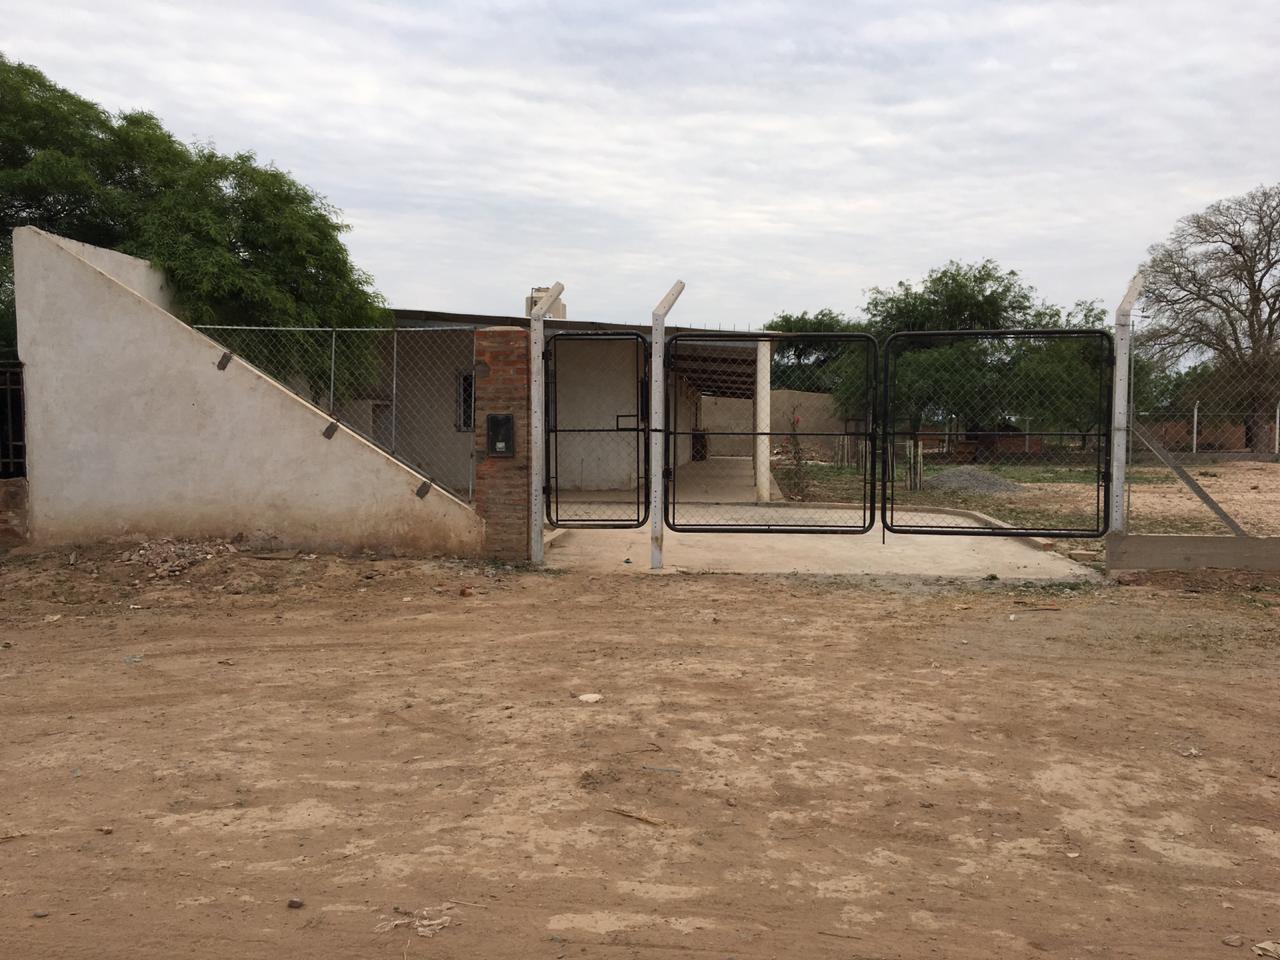 Centro Deportivo El Chorro Formosa